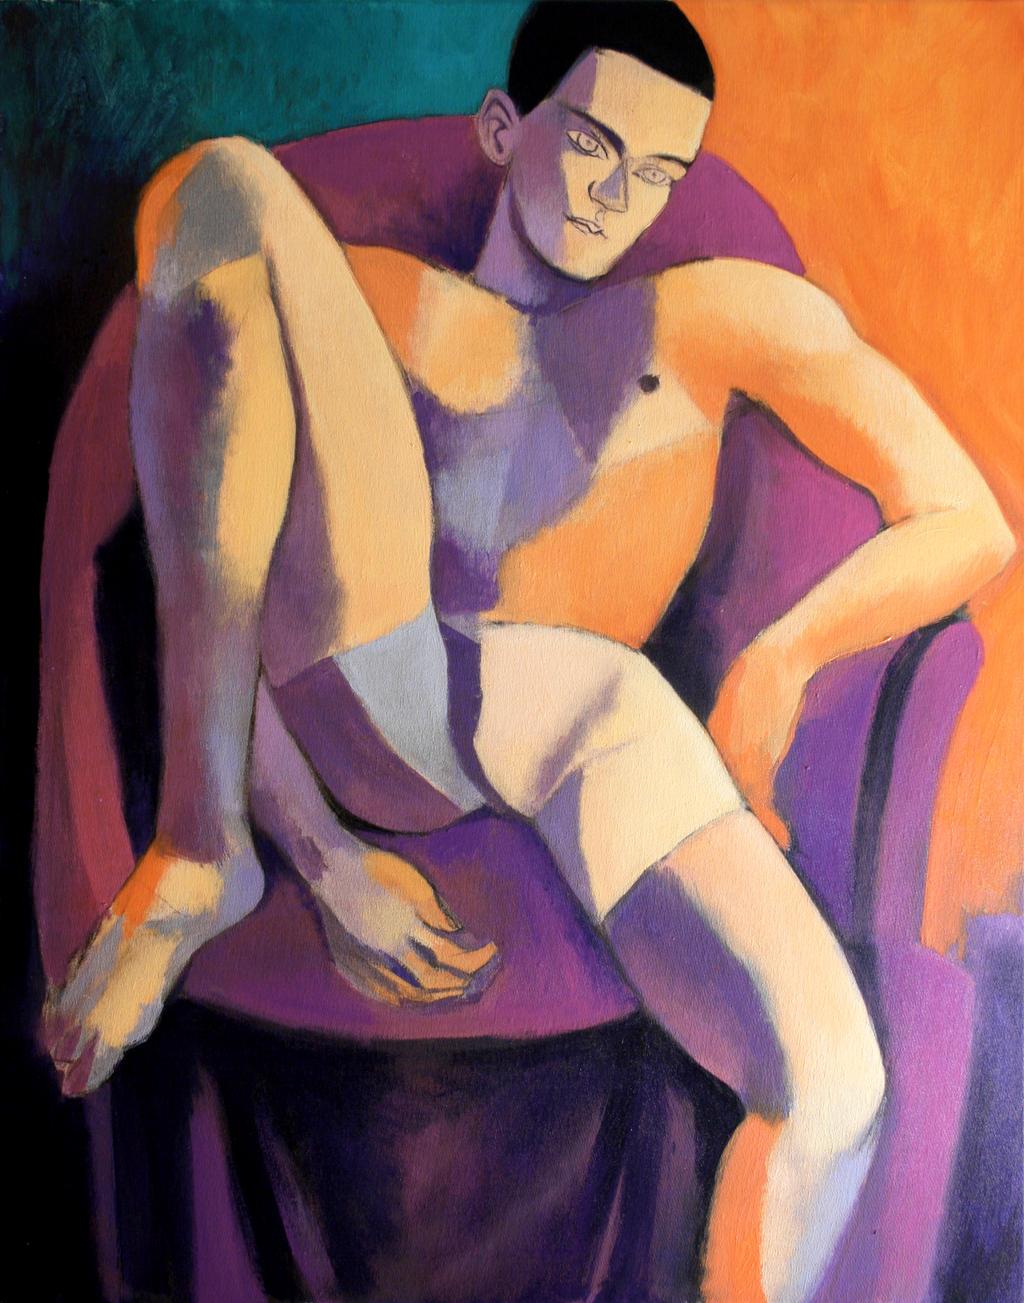 violet and orange nude by JuliuszLewandowski